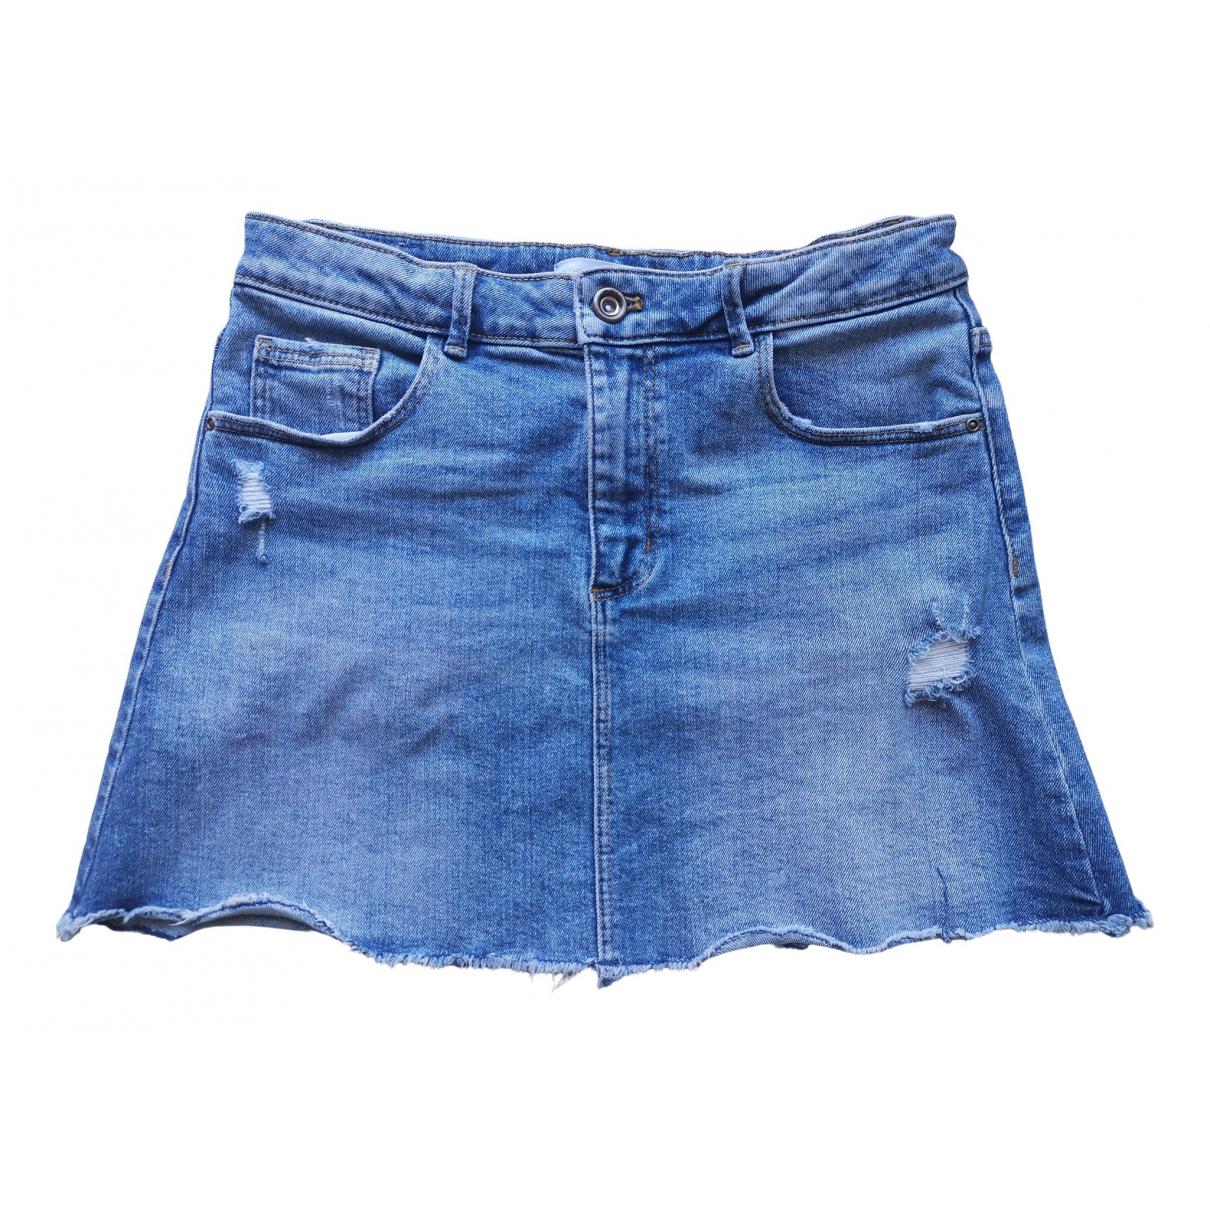 Zara \N Blue Denim - Jeans skirt for Kids 12 years - XS FR